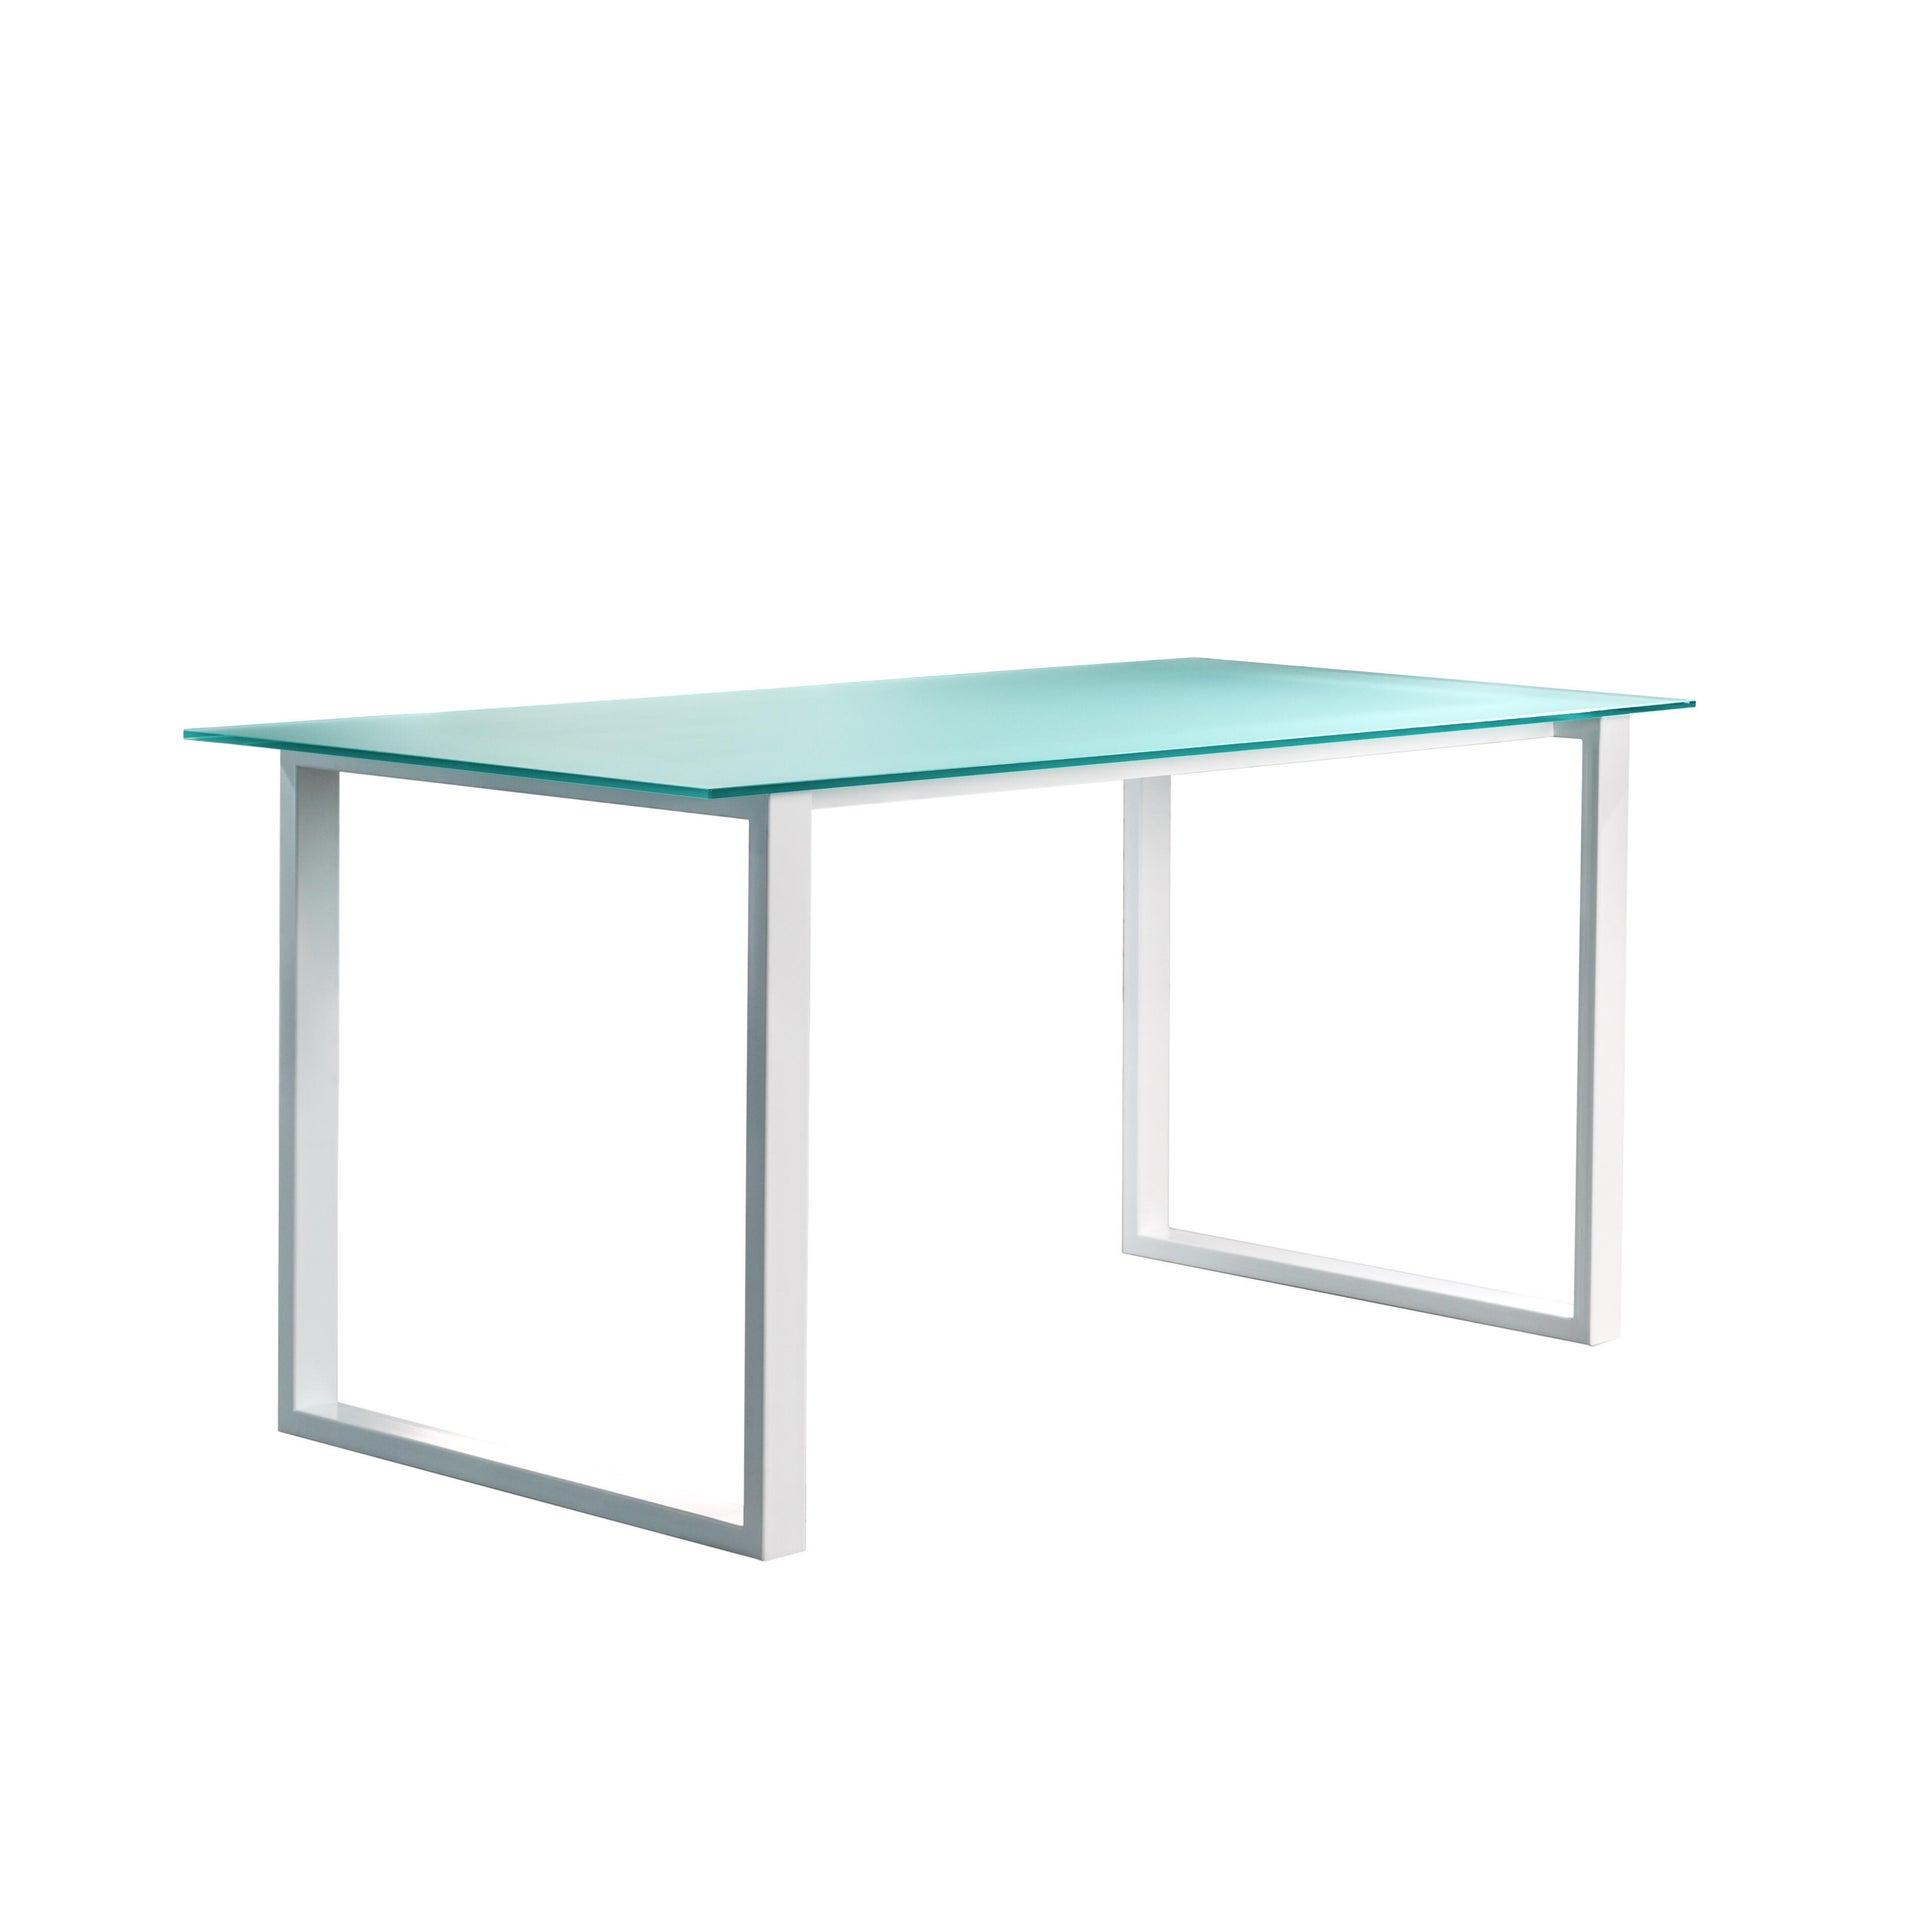 Tavolo da giardino rettangolare Crystal con piano in vetro L 80 x P 160 cm - 2